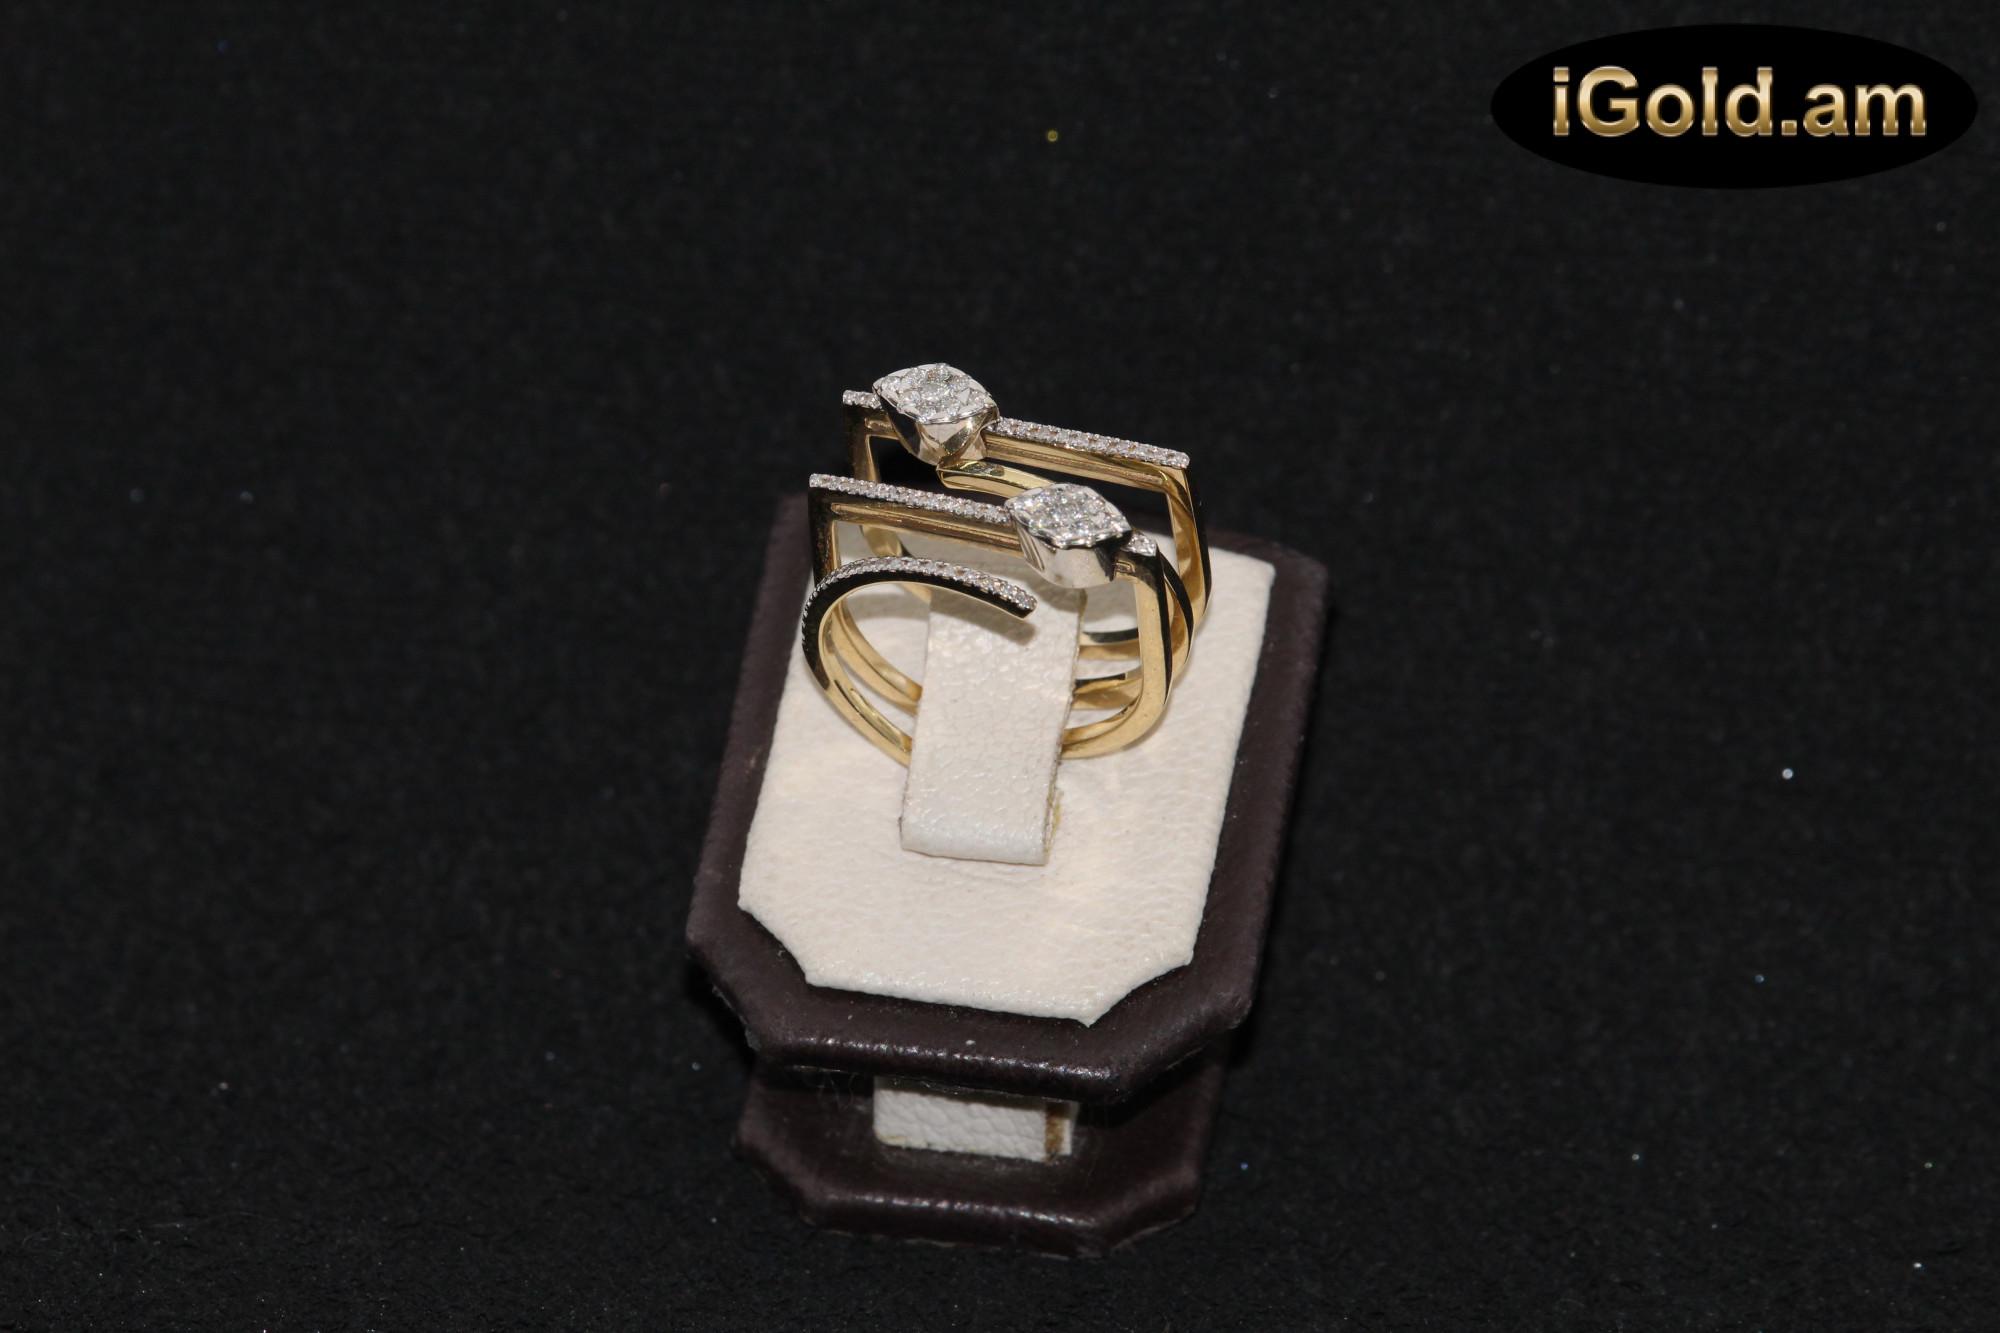 Ոսկյա կանացի մատանի ադամանդով - 8.1 գր - կոդ 145-113 voskya kanaci matani adamandov - 8.1 gr